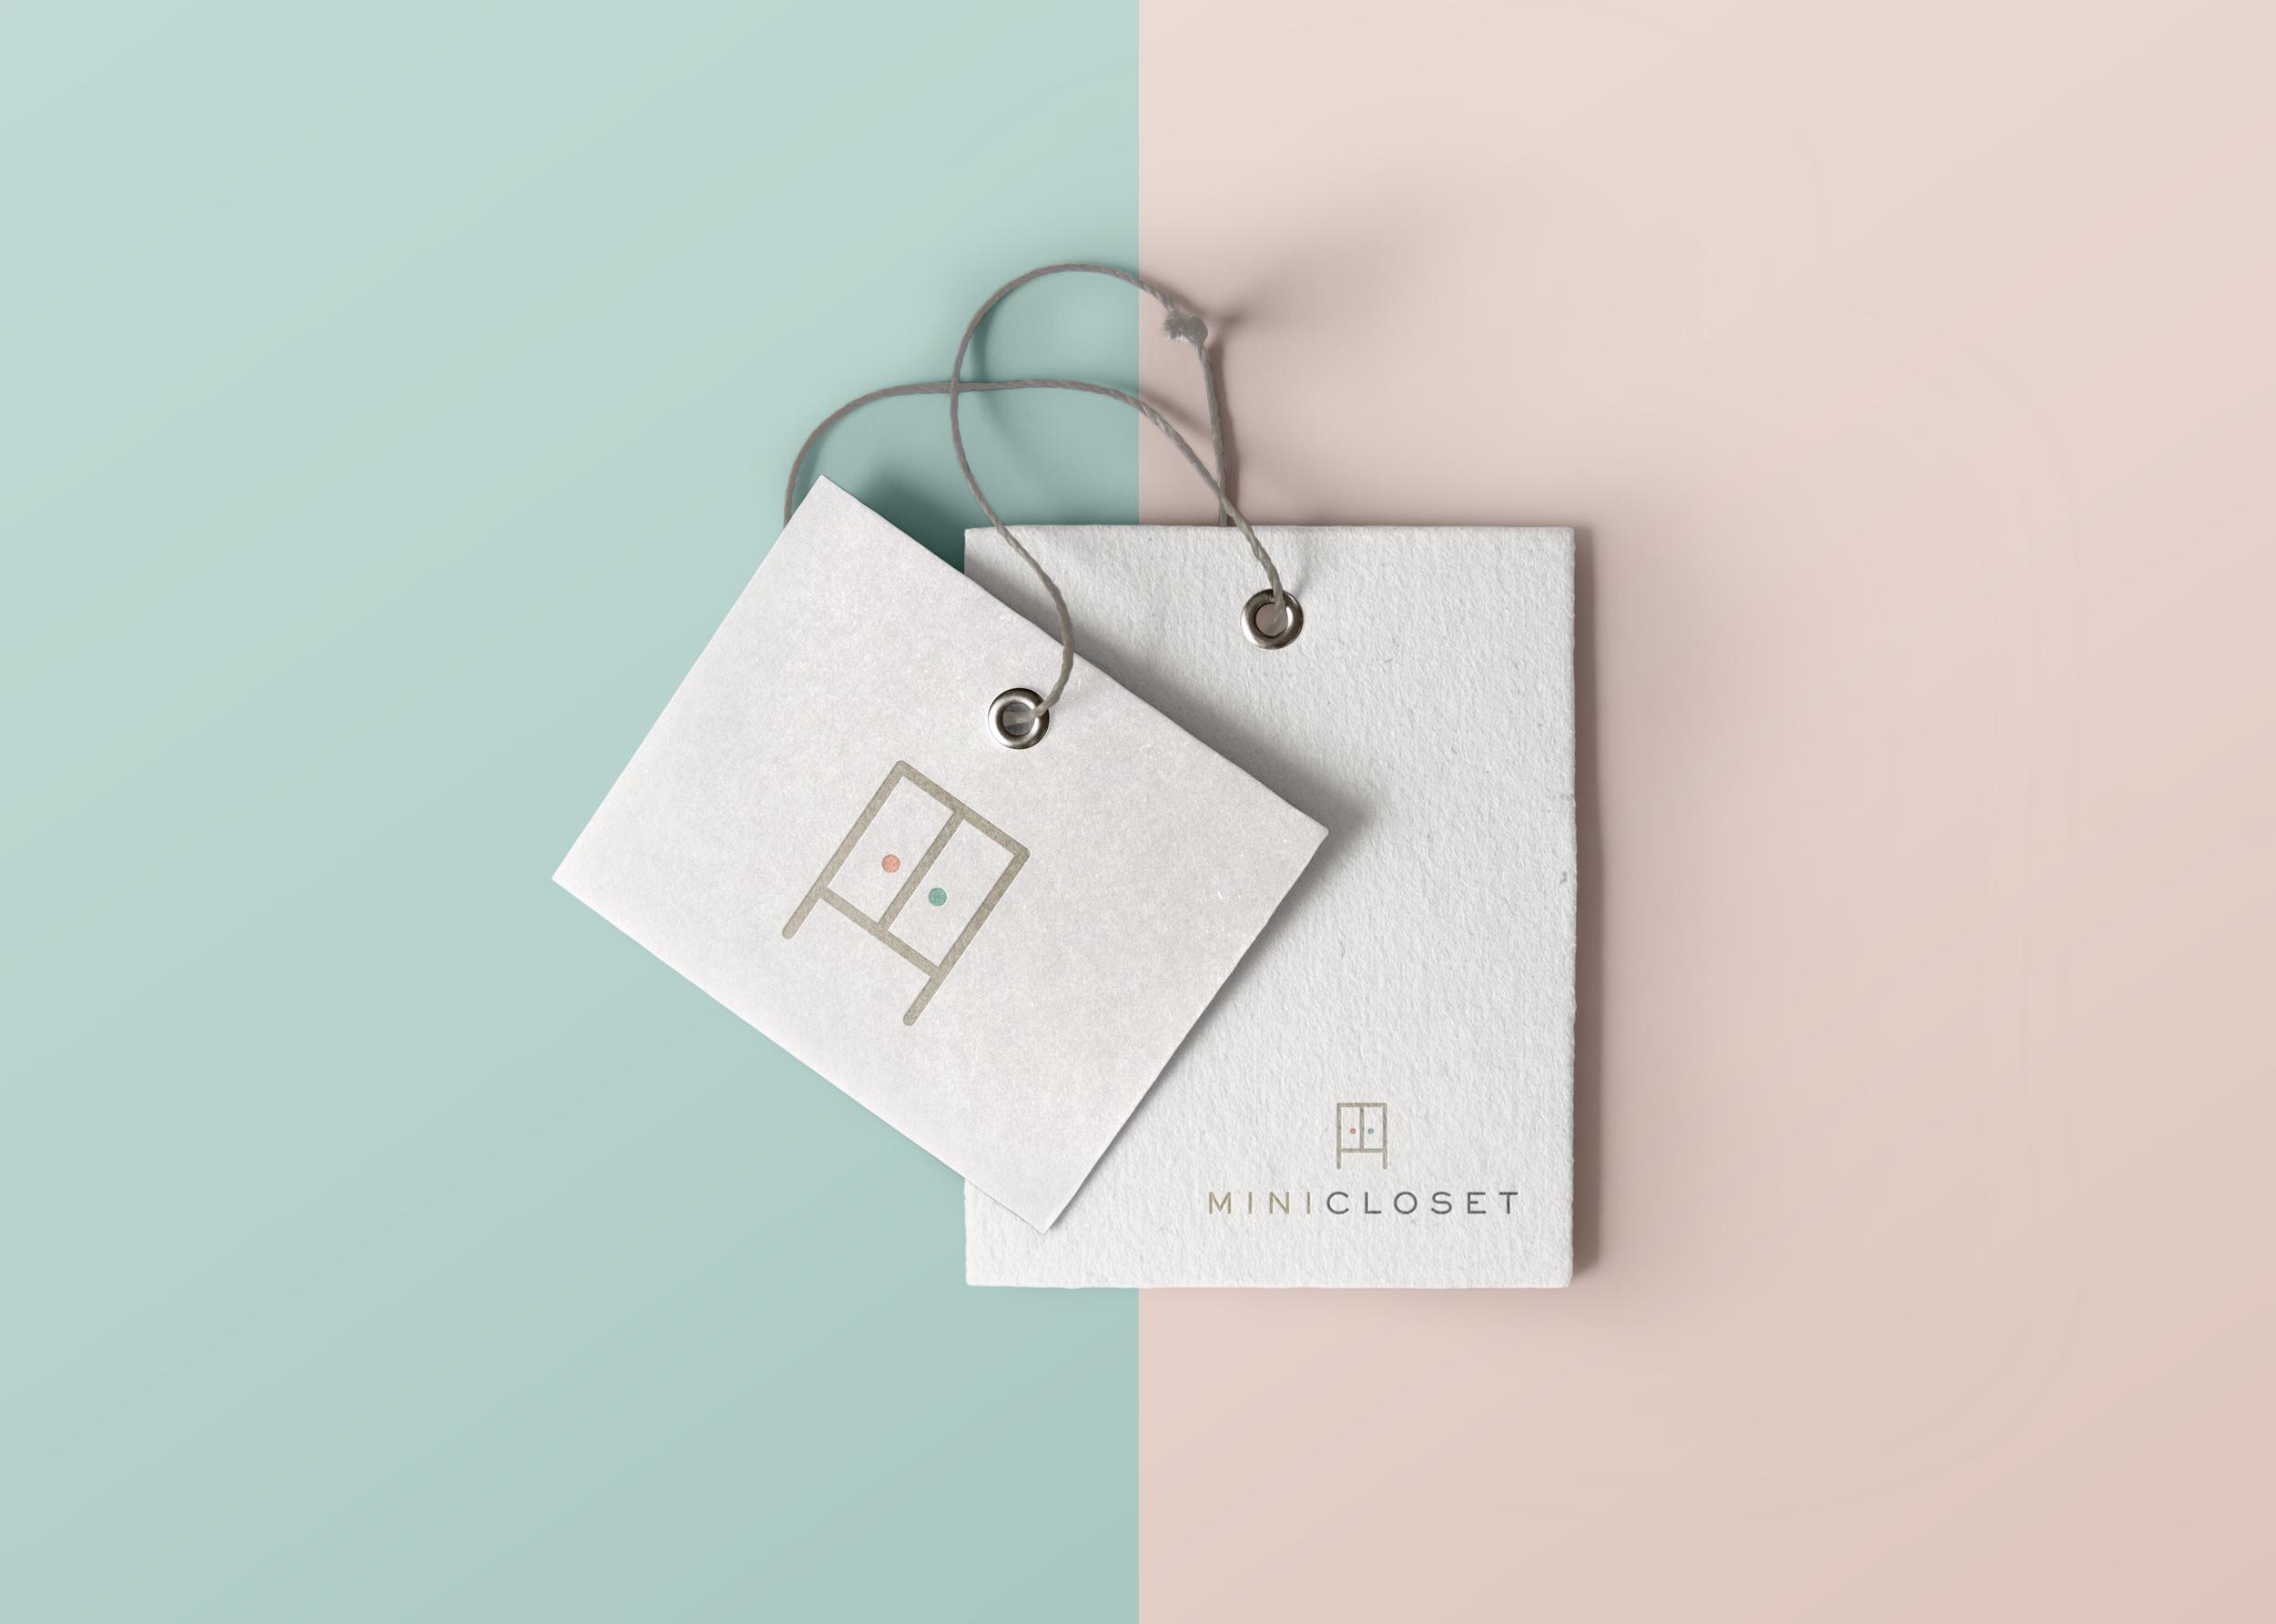 daniel-zito-mini-closet-cartao-design-grafico-tag.jpg